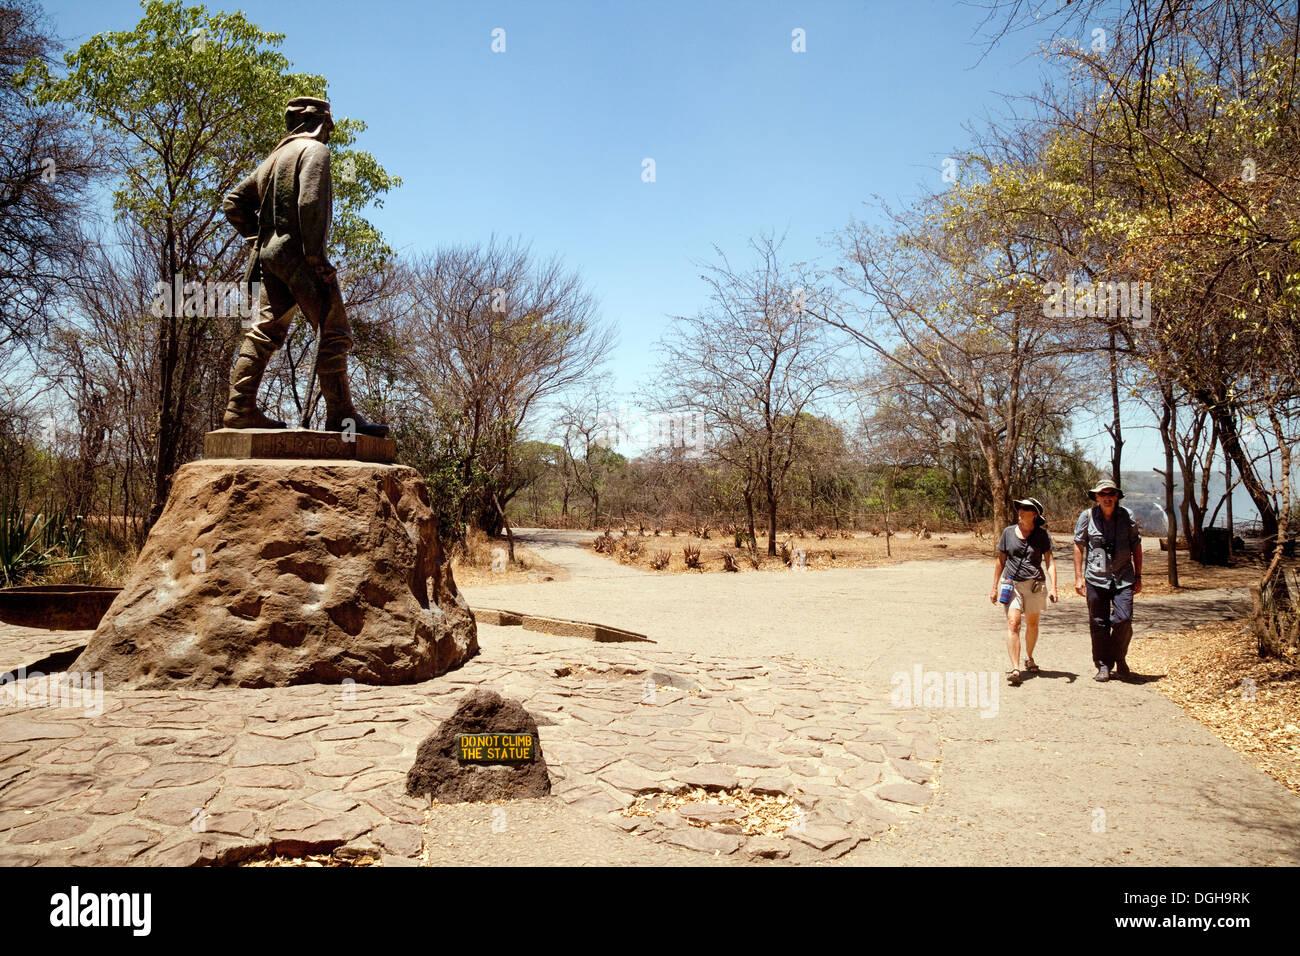 Les touristes à la recherche au memorial statue de David Livingstone, Victoria Falls National Park, Zimbabwe, Africa Photo Stock